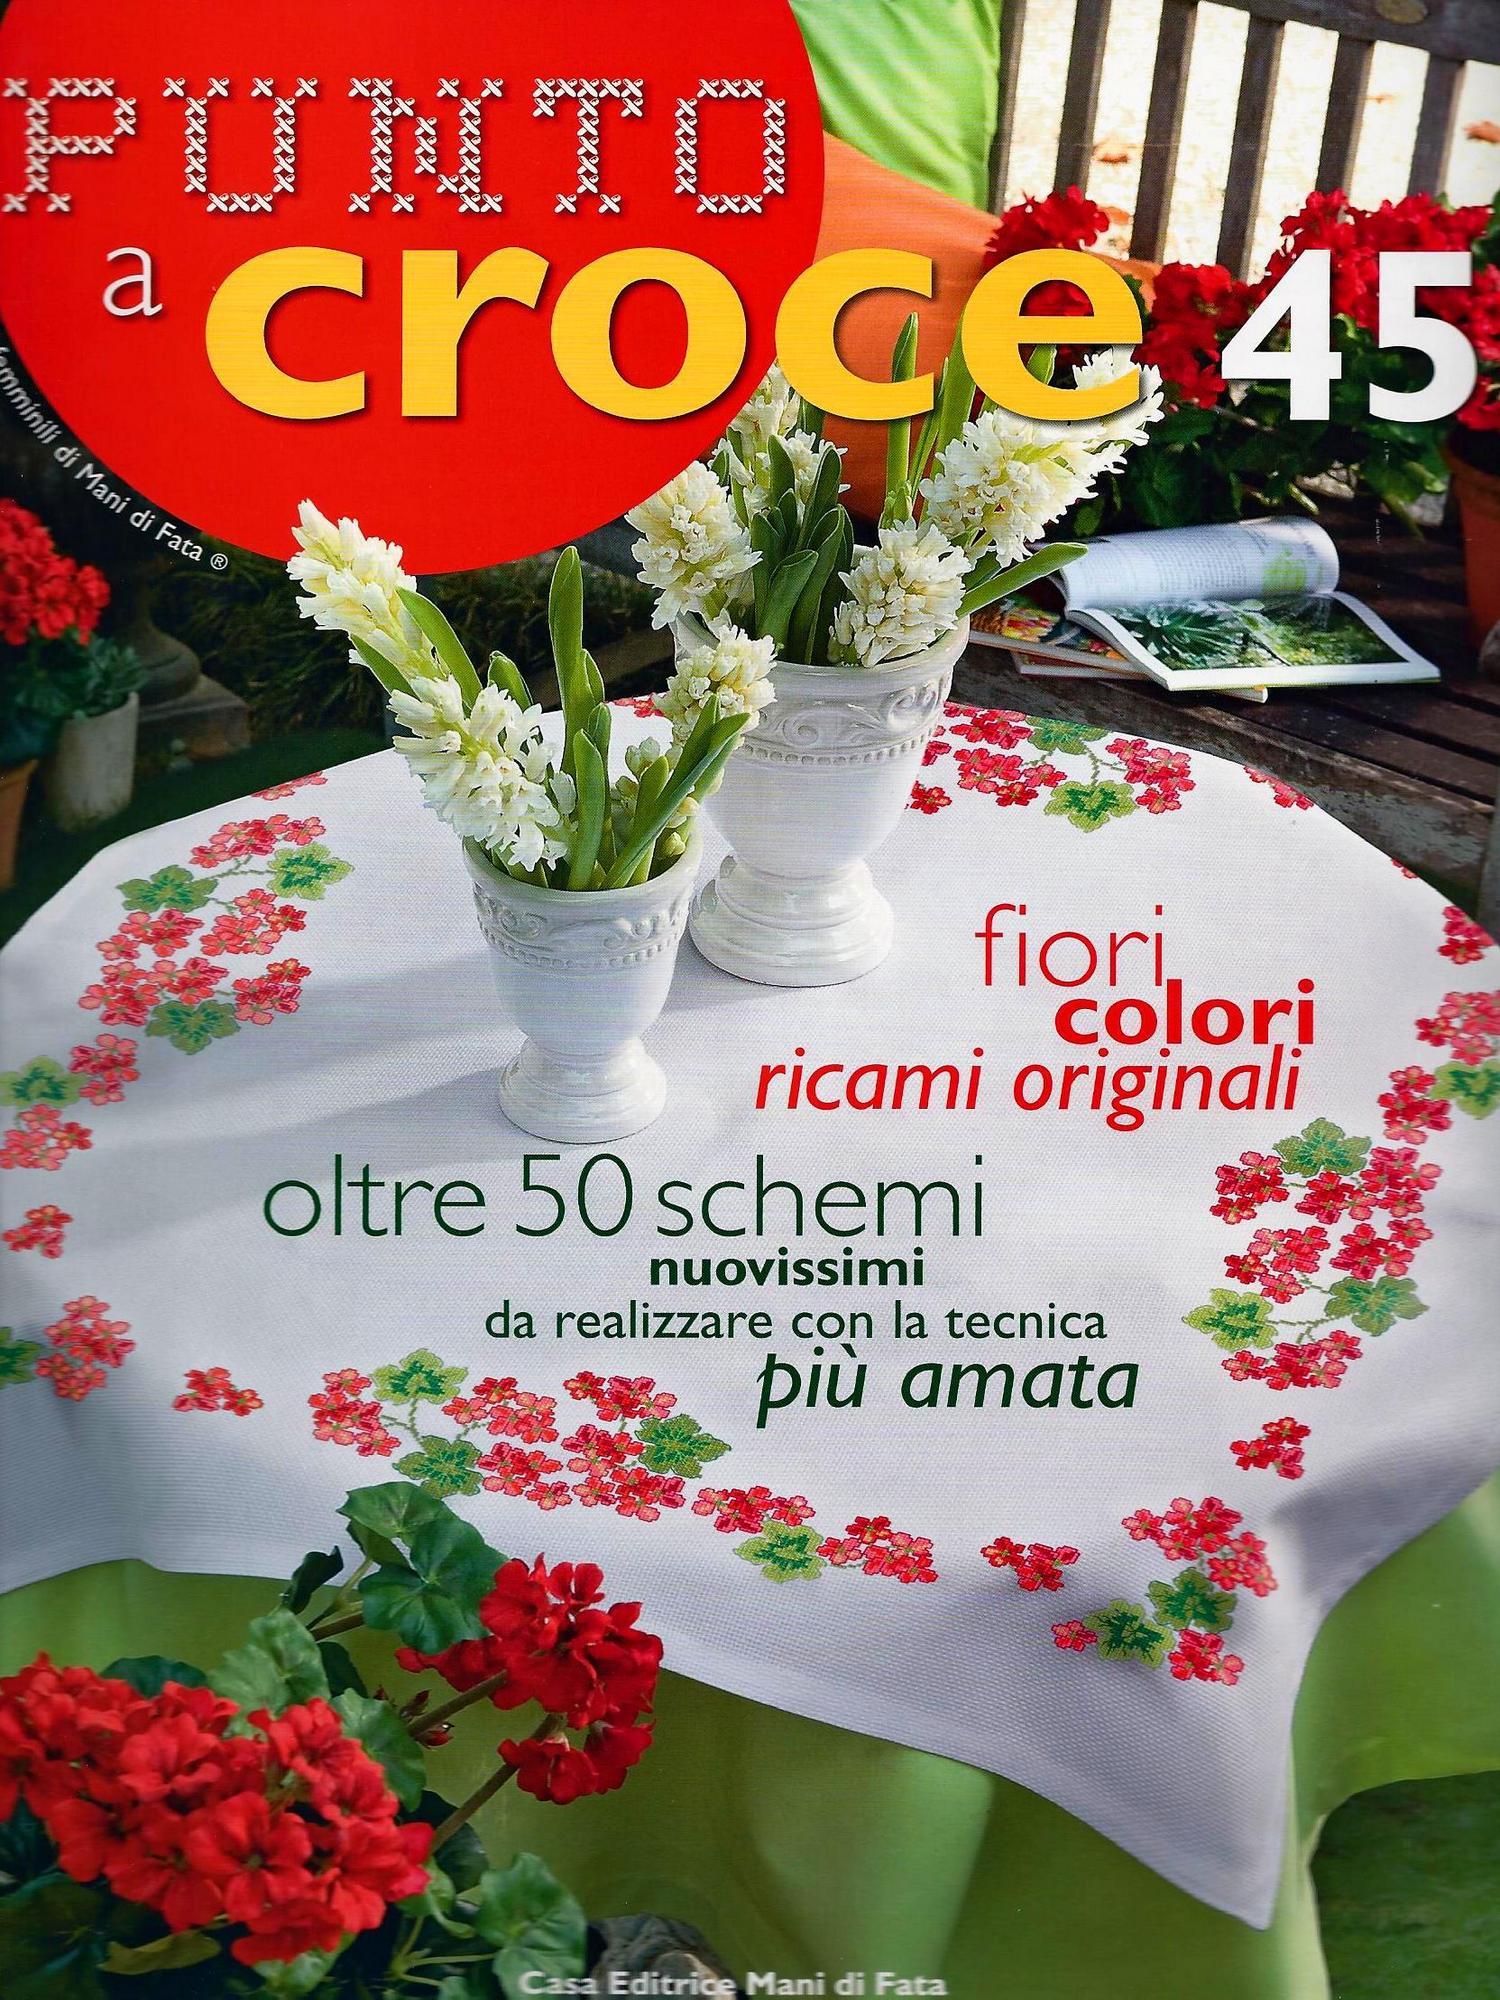 PUNTO a CROCE 45 - Kč 310